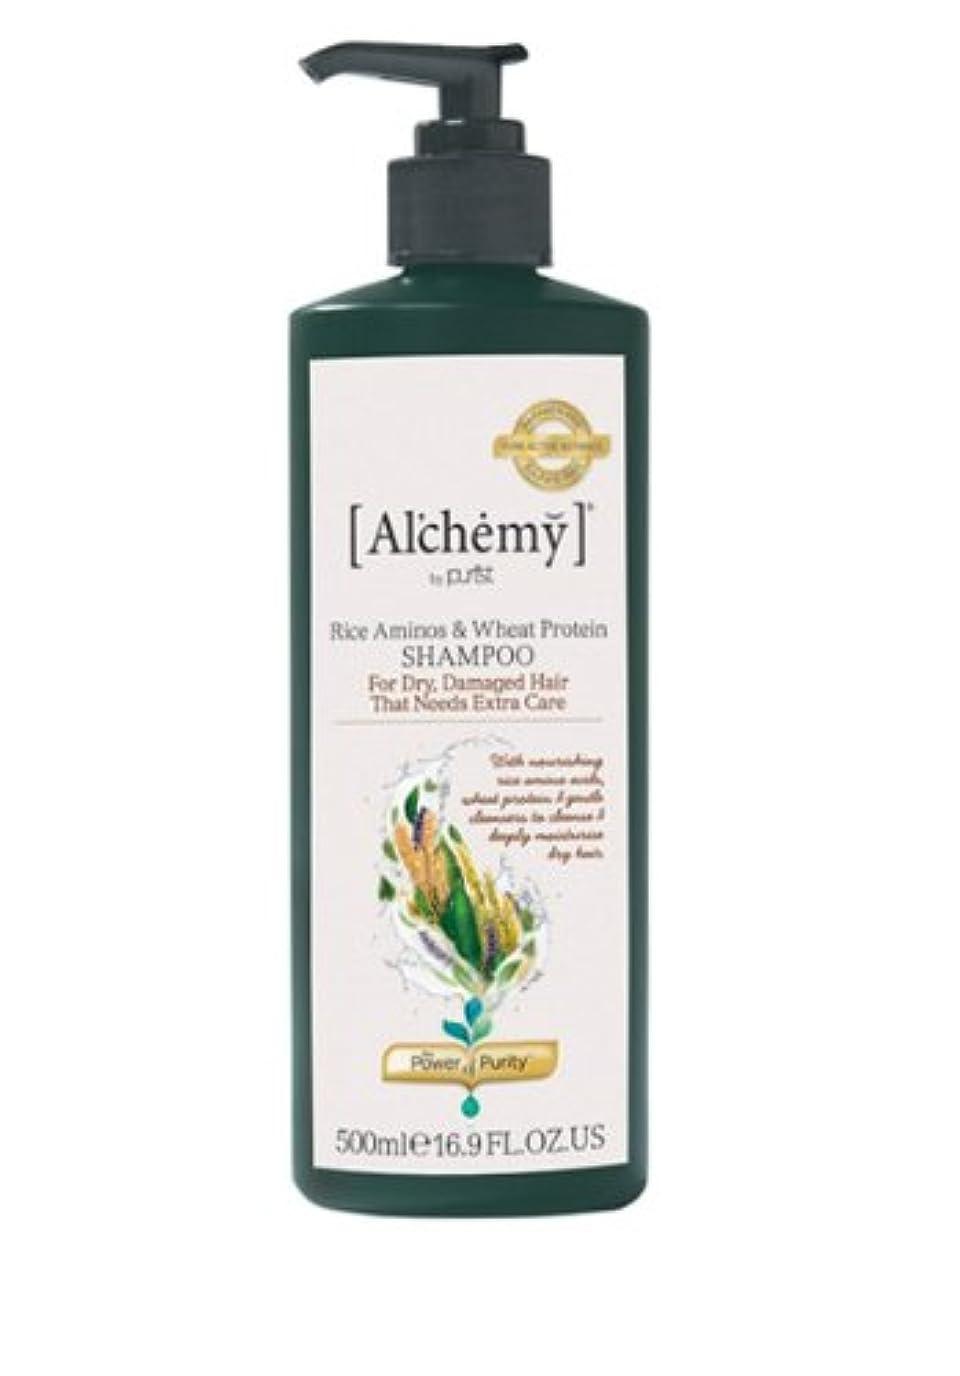 誤解させるフィクション動物園【Al'chemy(alchemy)】アルケミー ライス アミノス モイスチャーシャンプー(Rice Aminos-Intensive Moisture Shampoo)(ドライ髪用)500ml